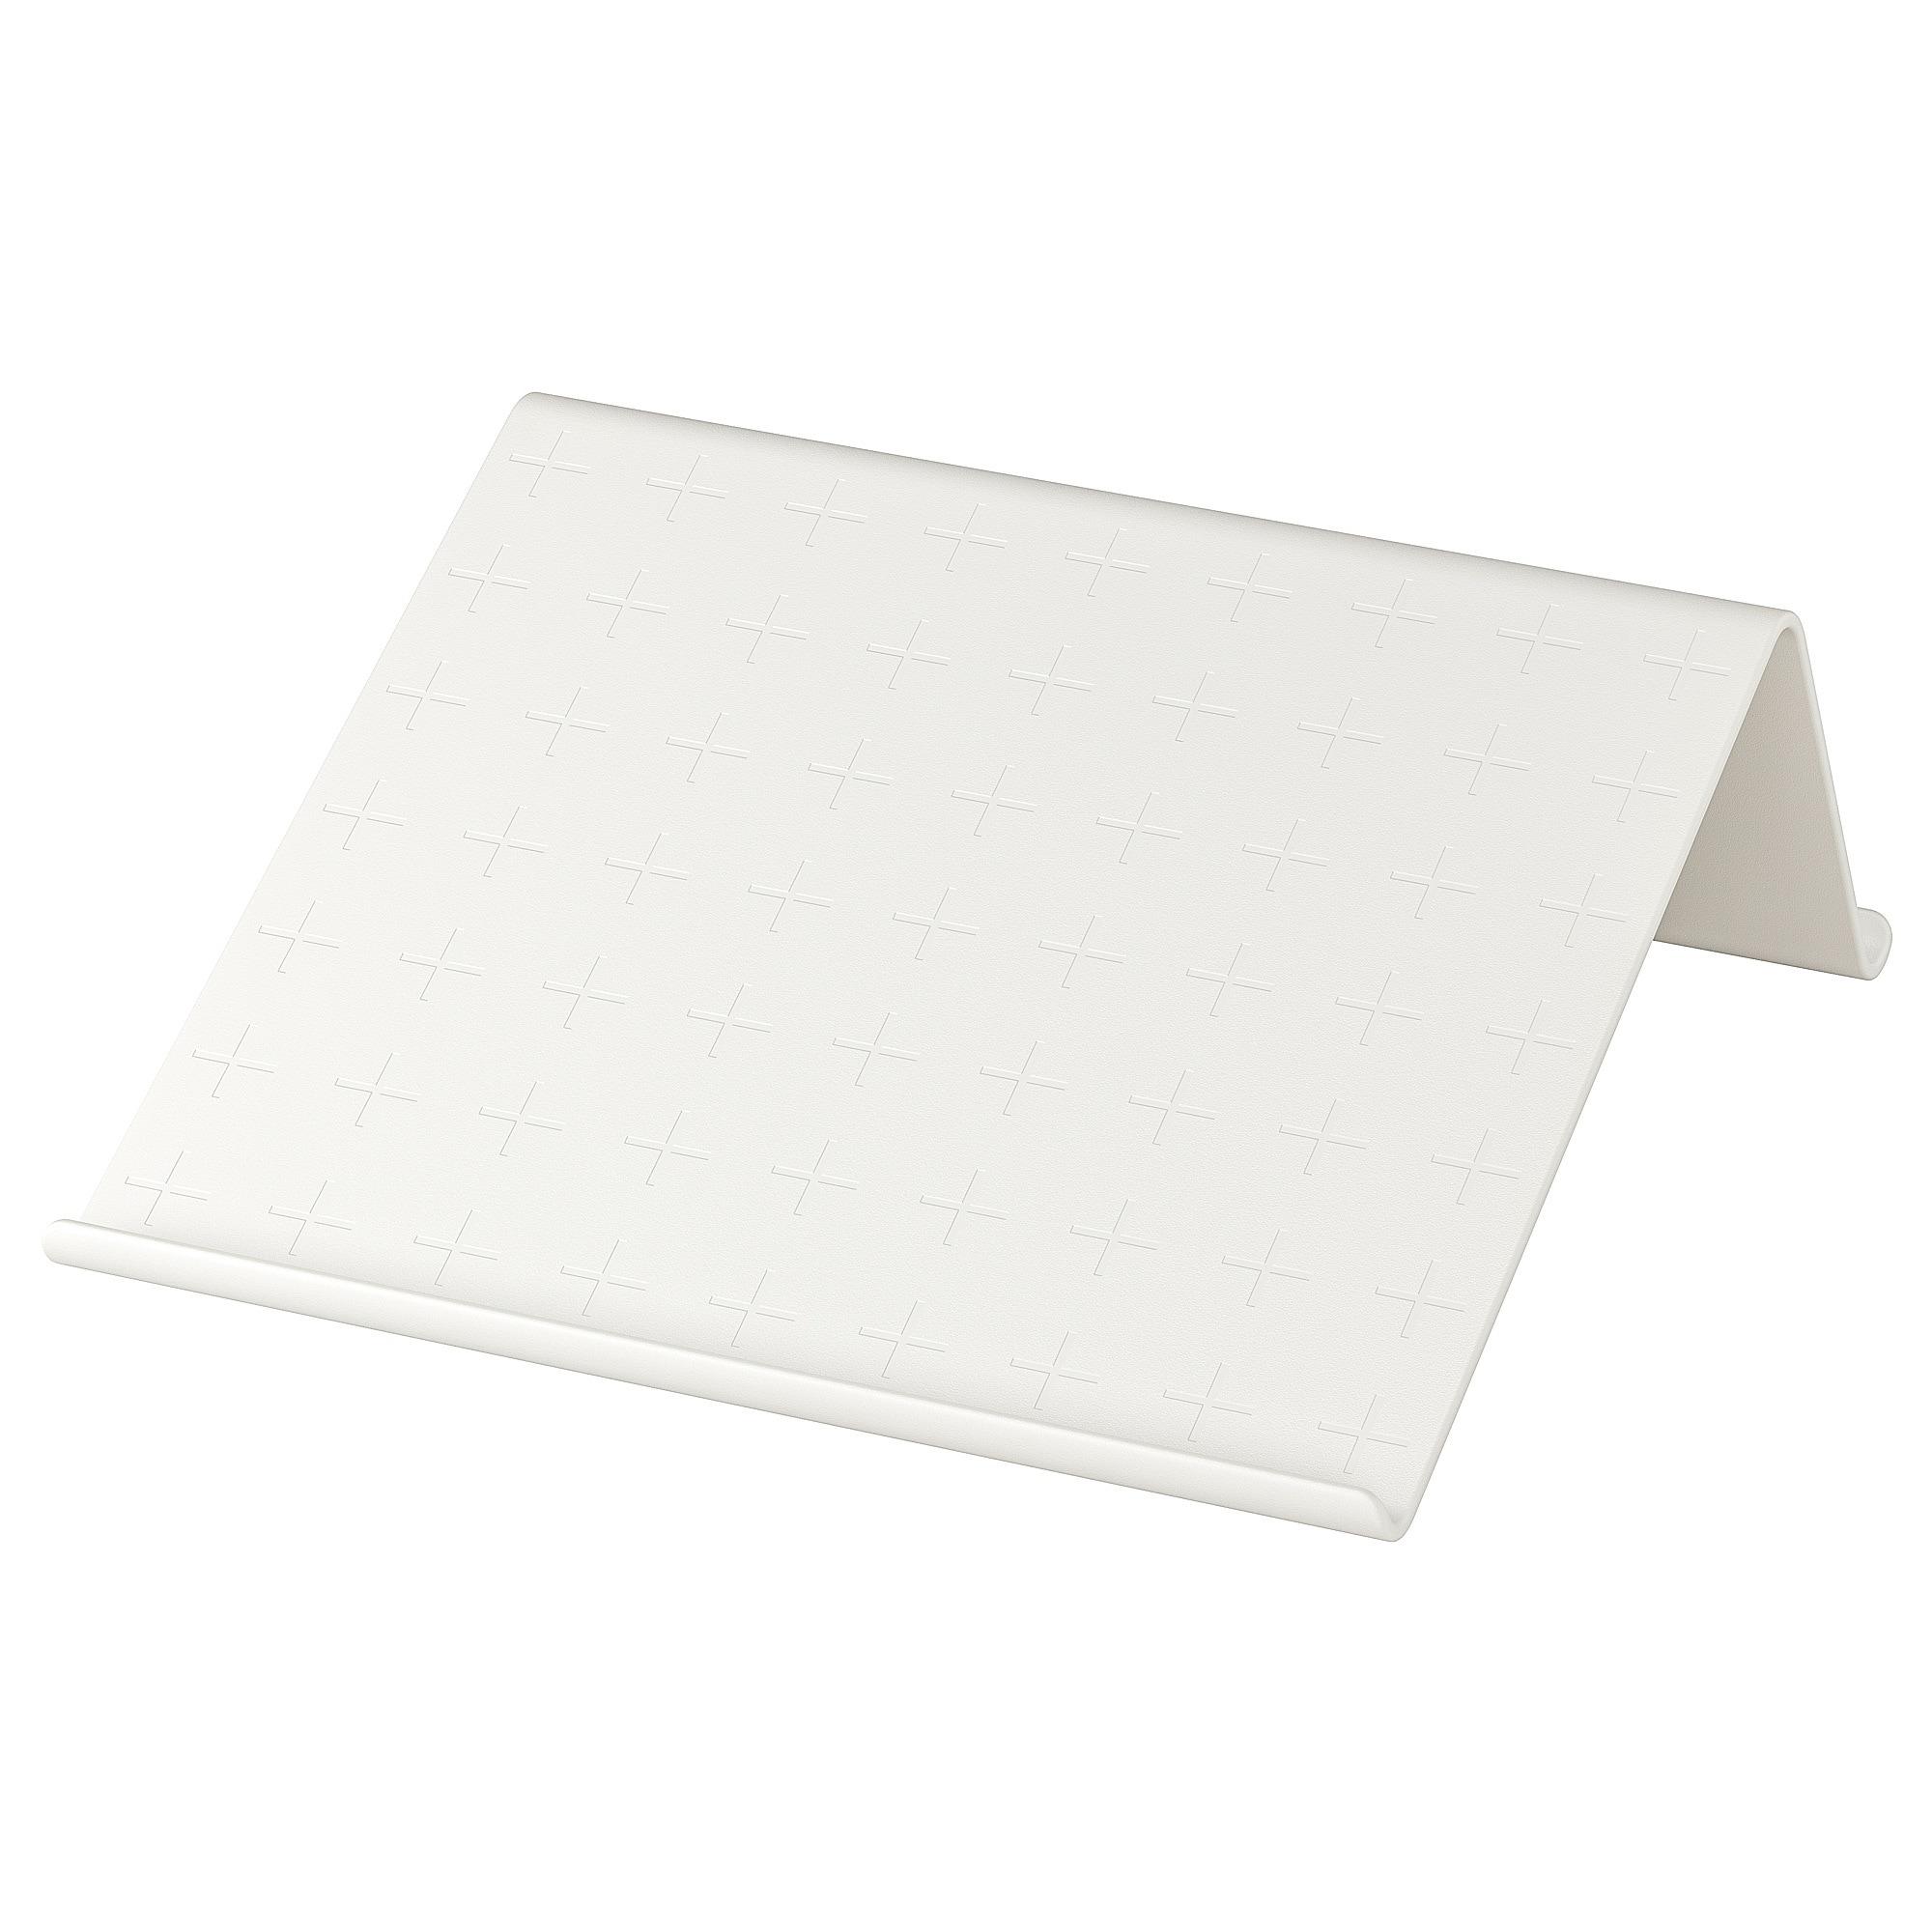 ISBERGET Soporte para tablet, blanco 25x25 cm